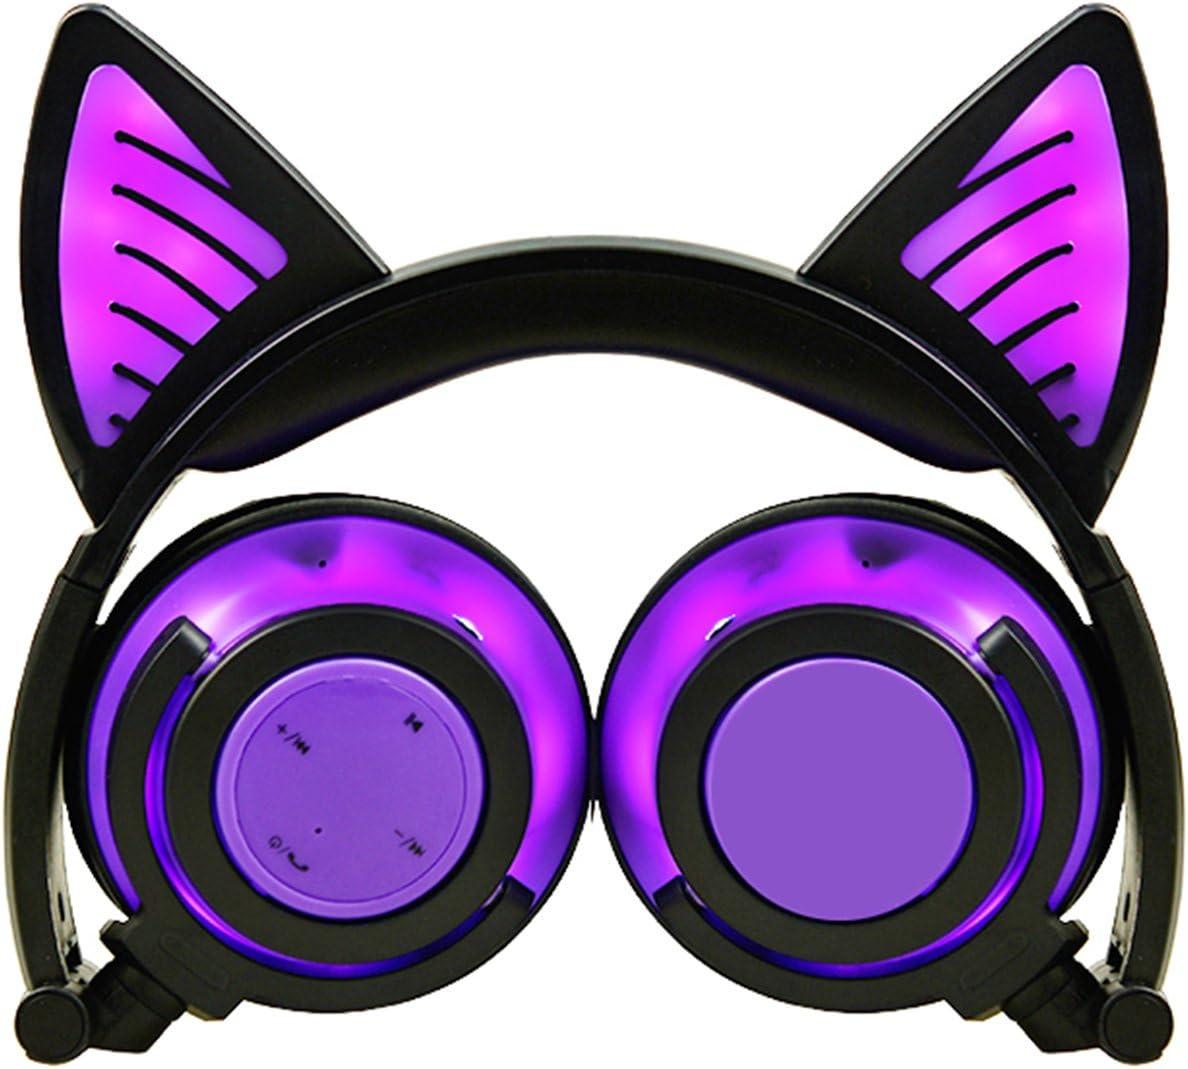 Limson Auriculares Bluetooth, Auriculares Plegable Recargables recargables de Orejas de gato Auriculares Parpadeantes de luz Intermitente de Cuerpo Entero para Niñas y Niños (Morado, 3.5 mm)